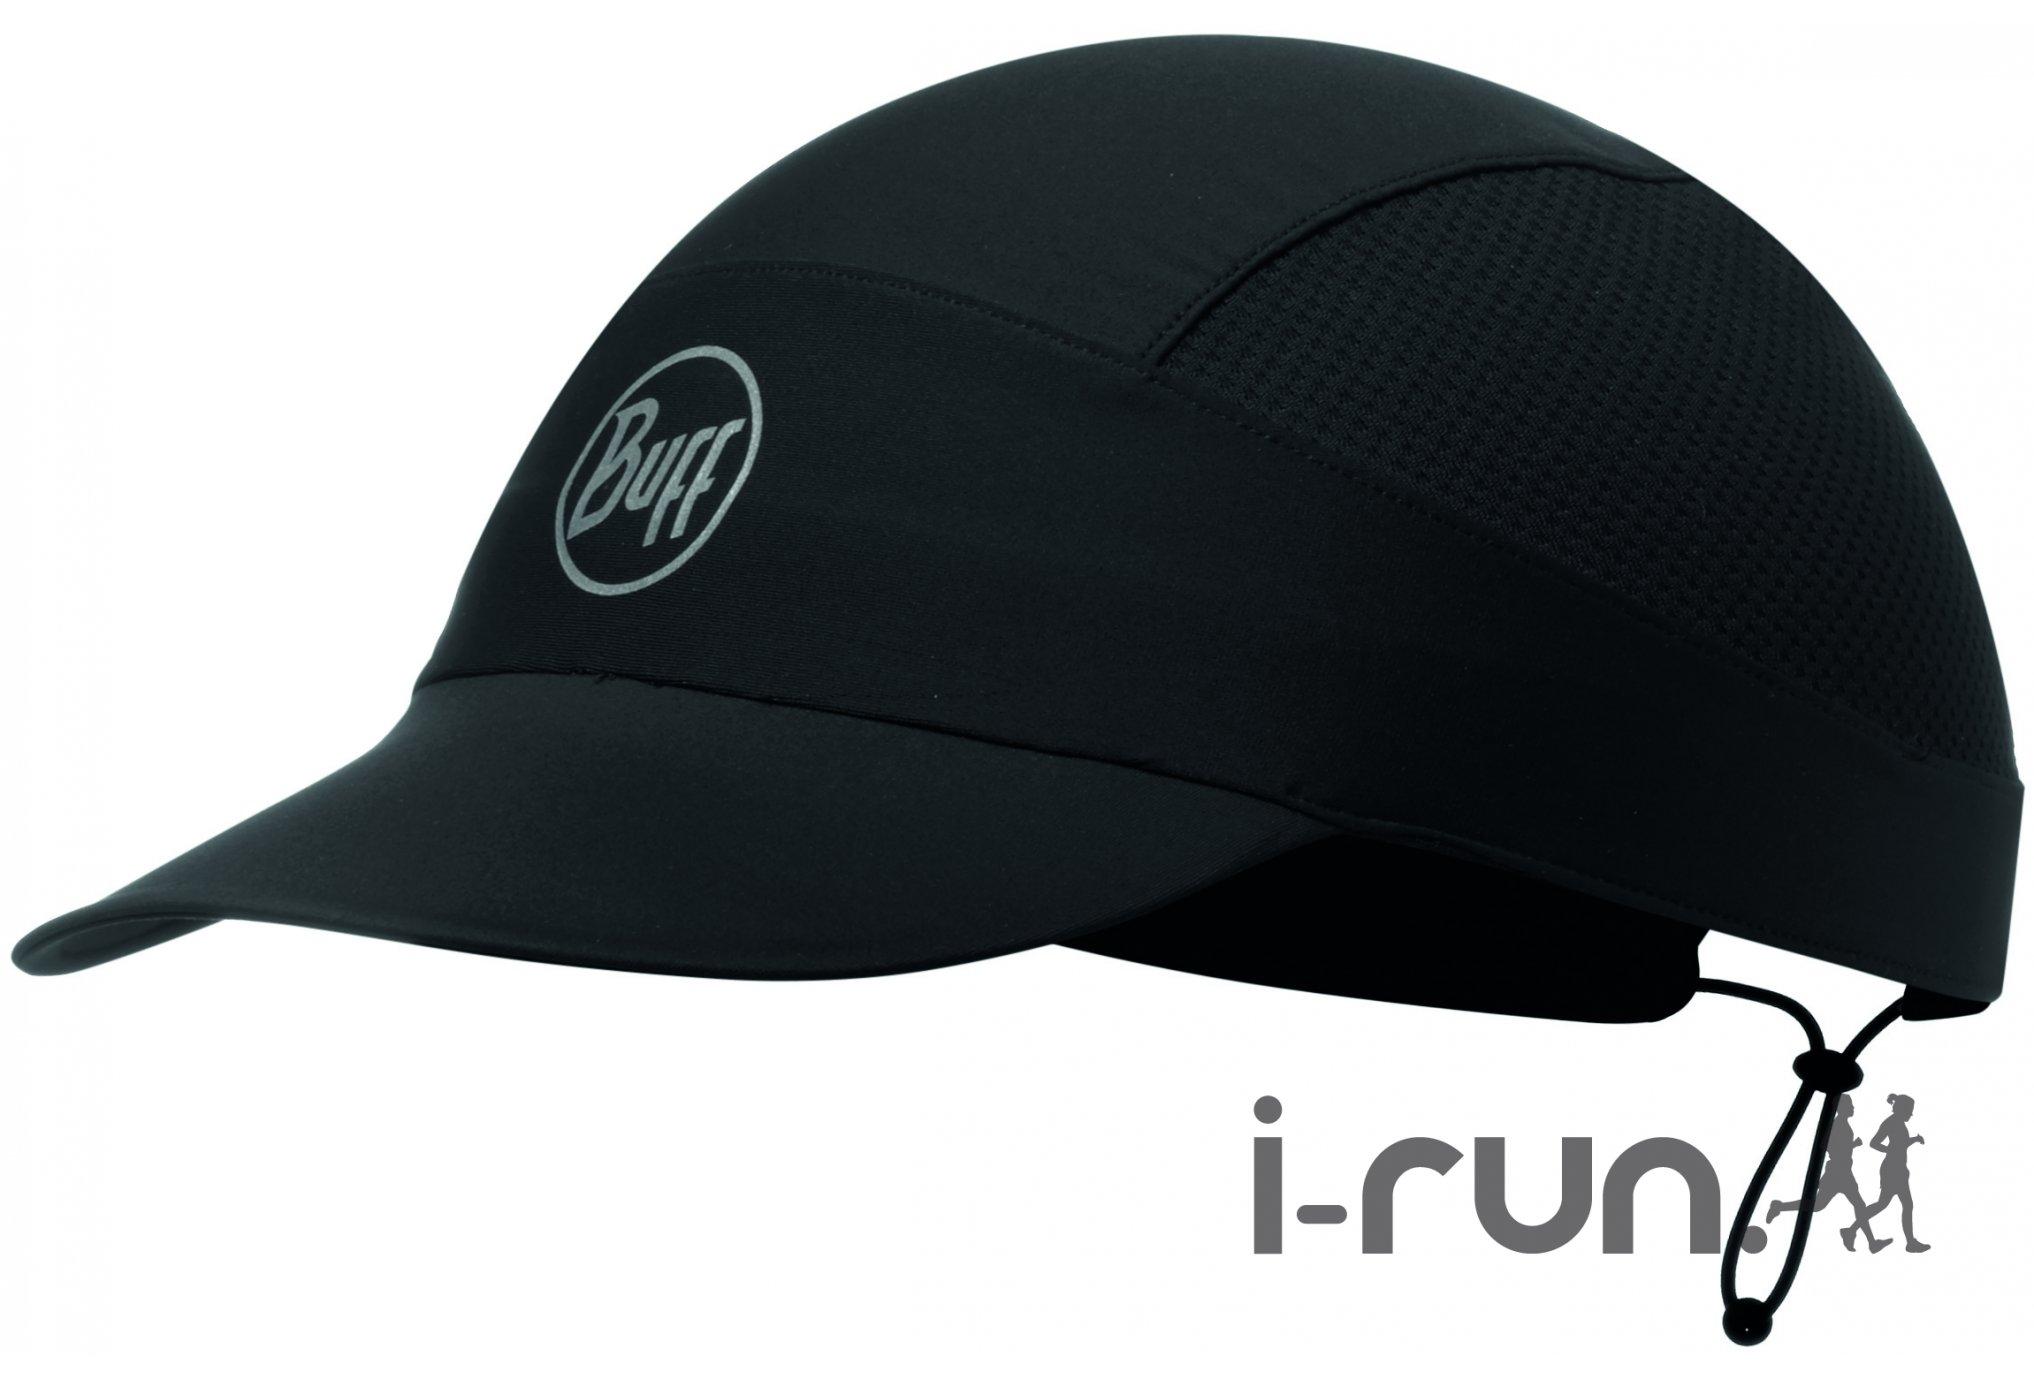 Buff Casquette r-Solid black casquettes / bandeaux